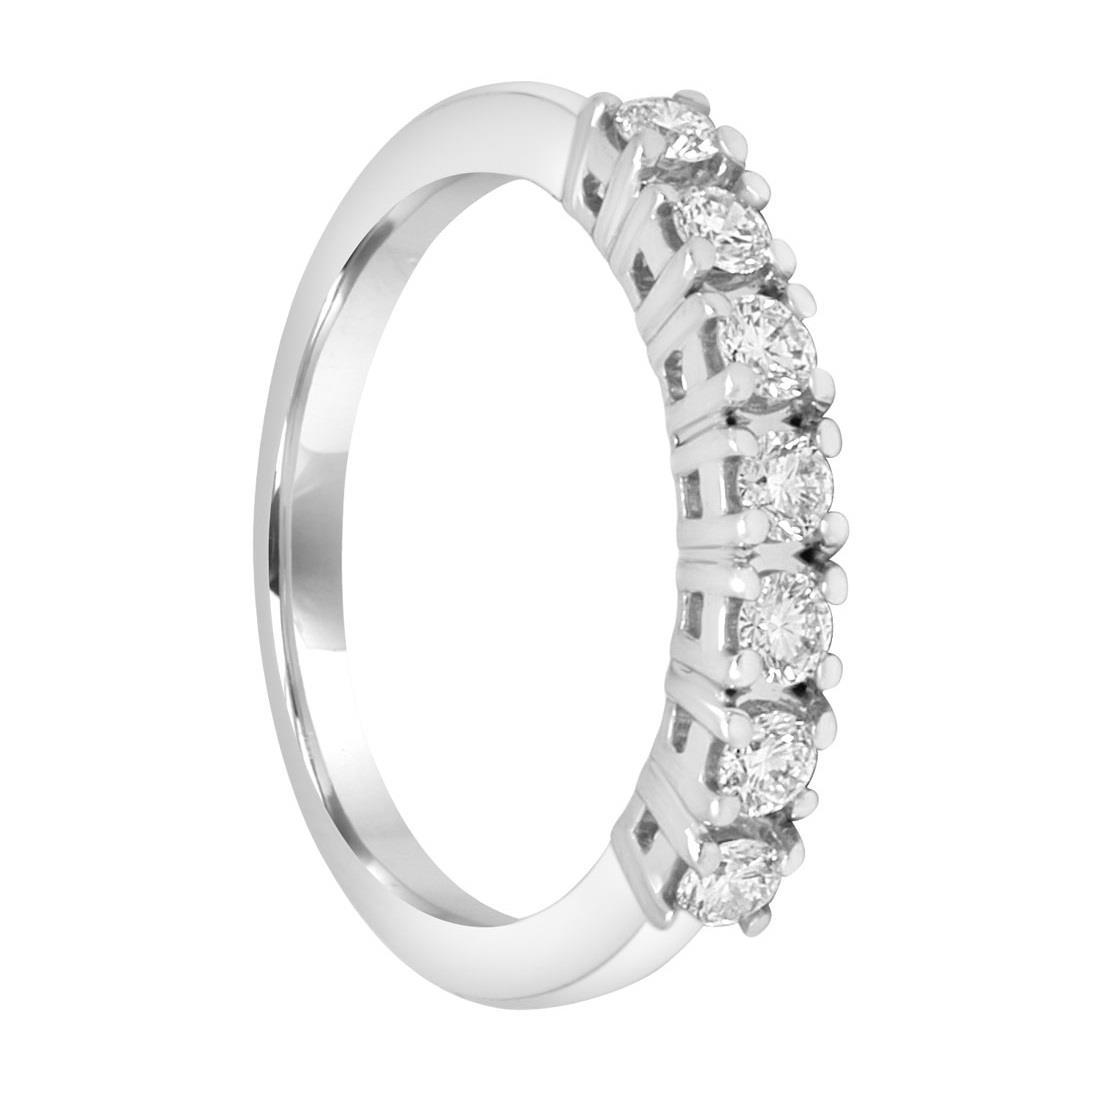 Anello riviere 7 pietre in oro bianco con diamanti 0.45 ct mis 15 - ALFIERI & ST. JOHN